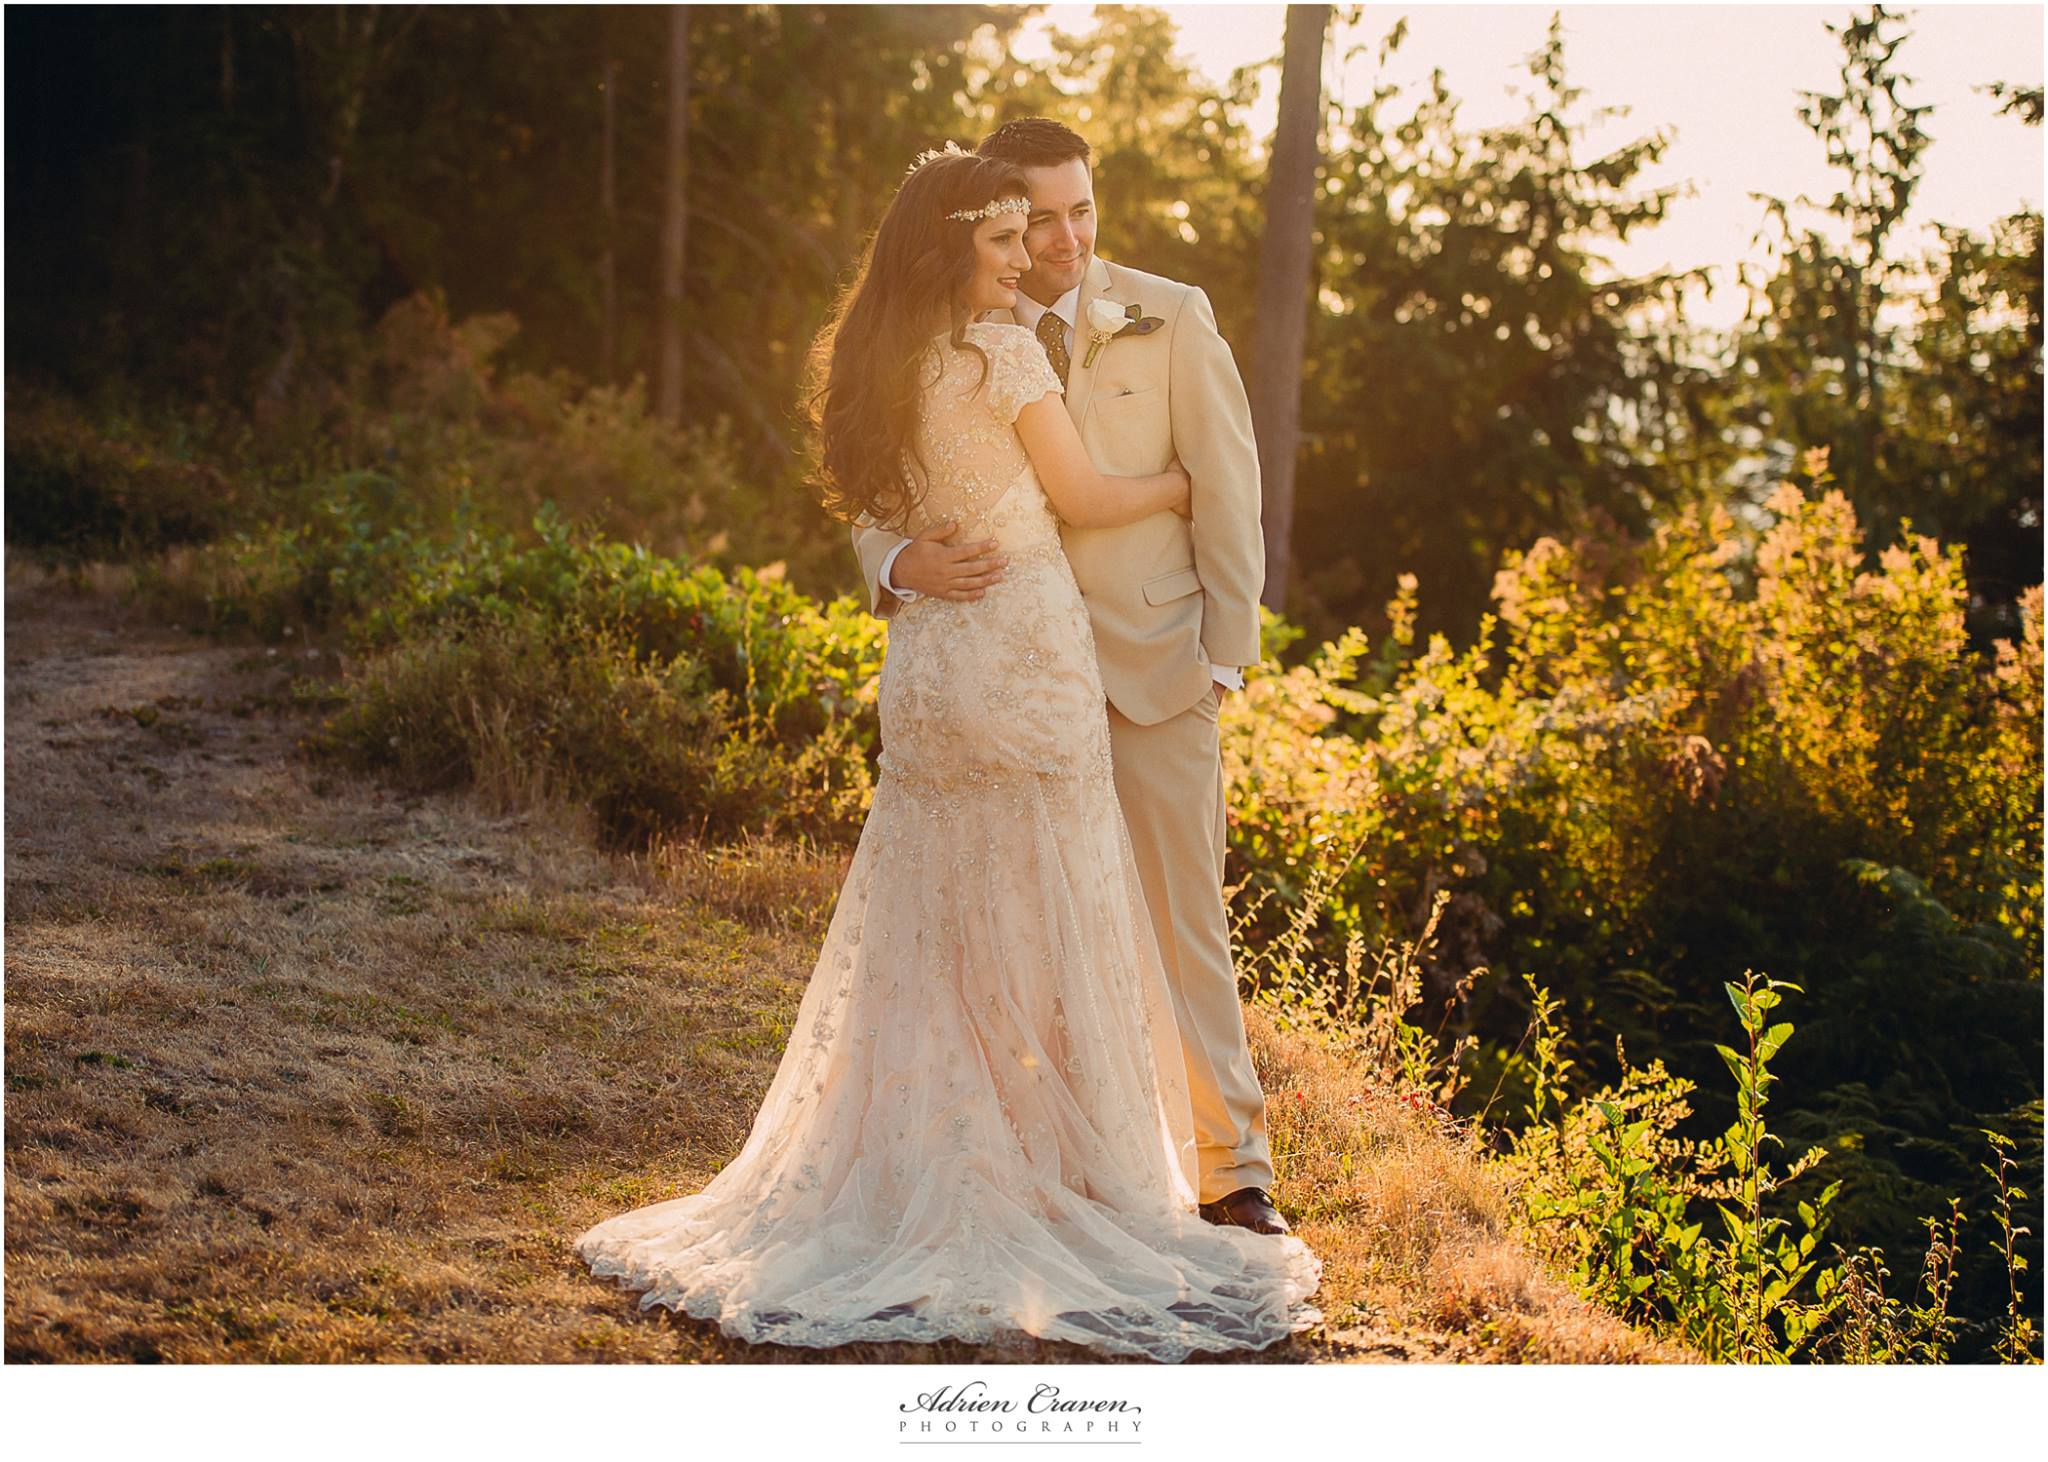 be84f8297f4 Beautiful DIY Great Gatsby inspired wedding ideas